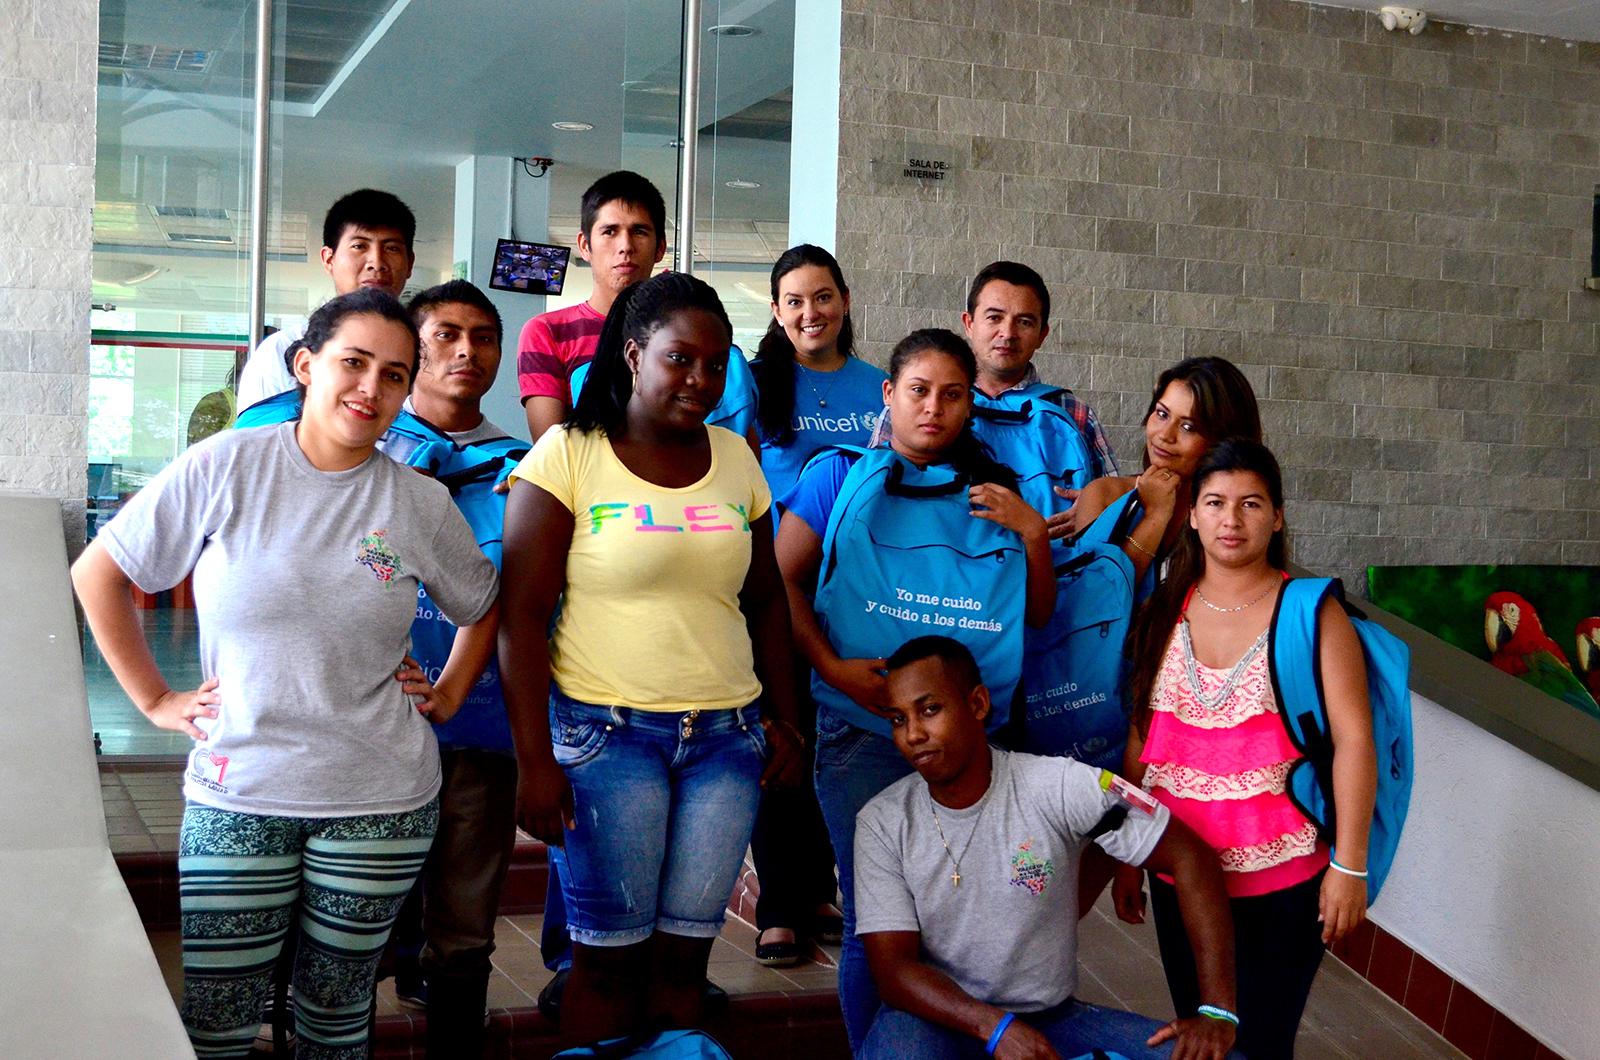 Voluntarios de la CCCM en el departamento de Arauca, tras un taller de formación en Tame, con el acompañamiento de Unicef